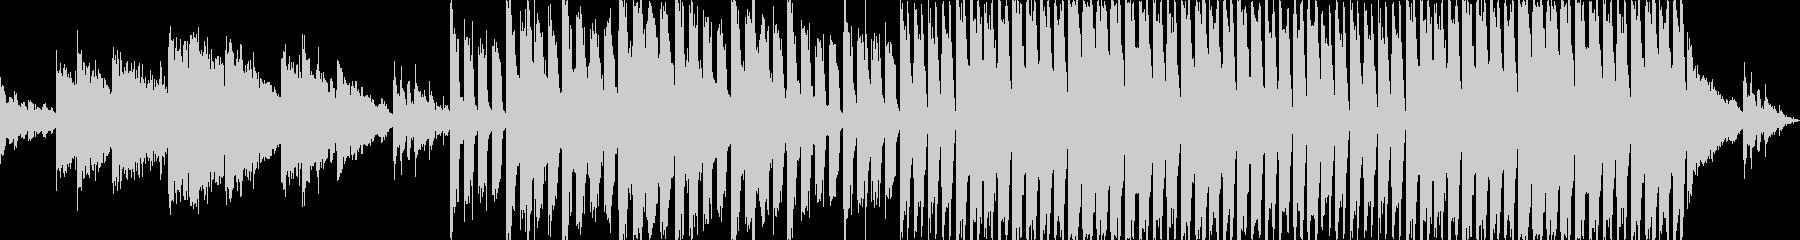 クラブハウスEDMサウンドBGM02の未再生の波形